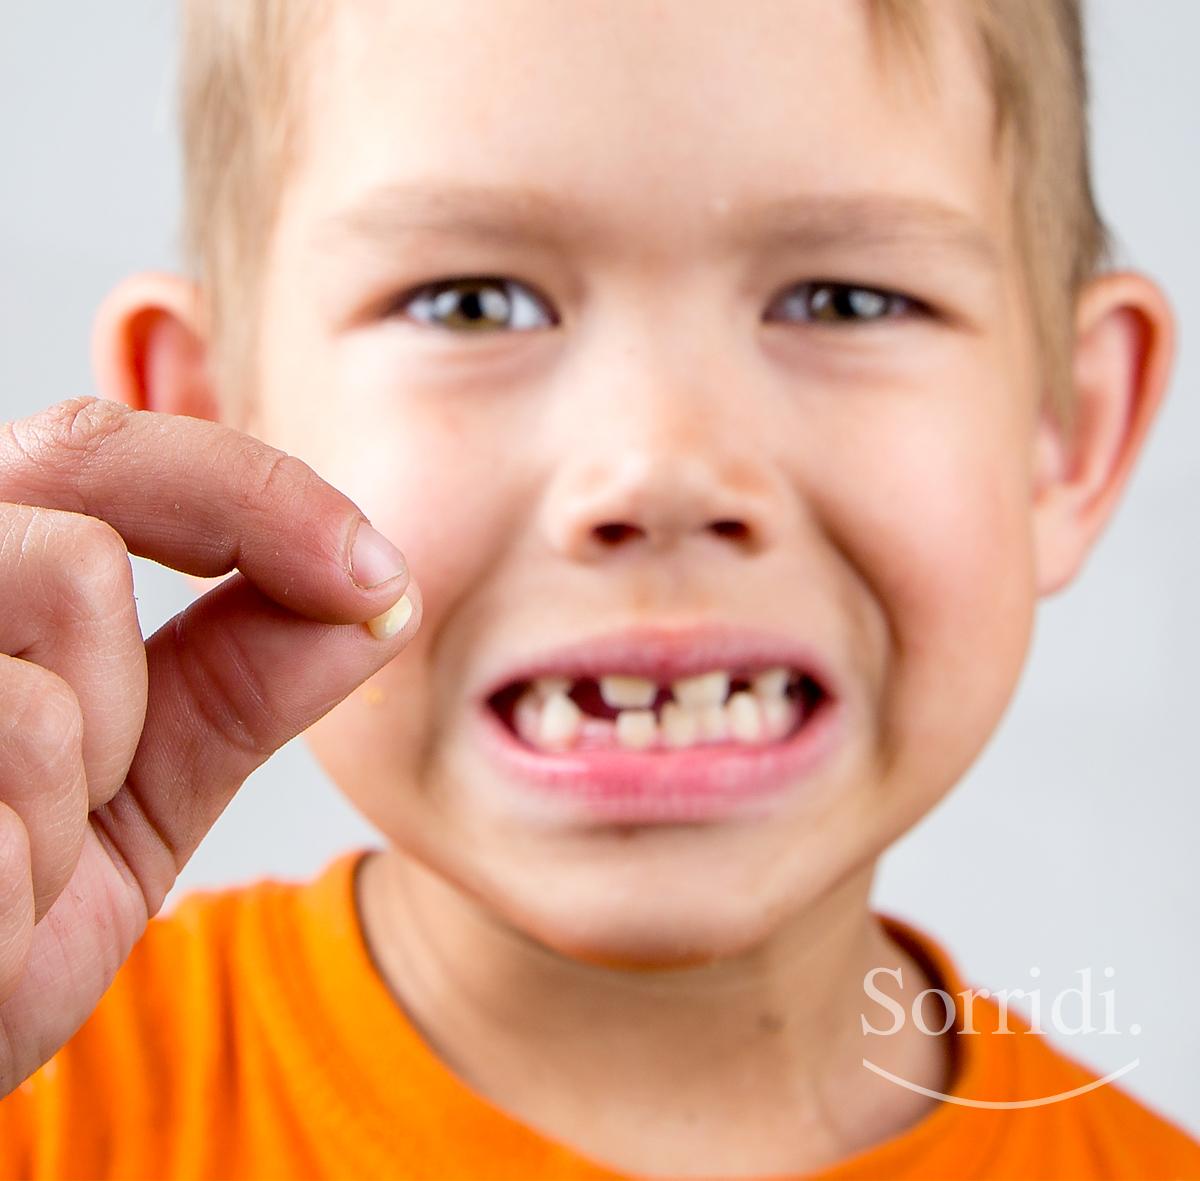 sorridi-ch-magazine-dentista-locarno-denti-da-latte-rottura-bambini